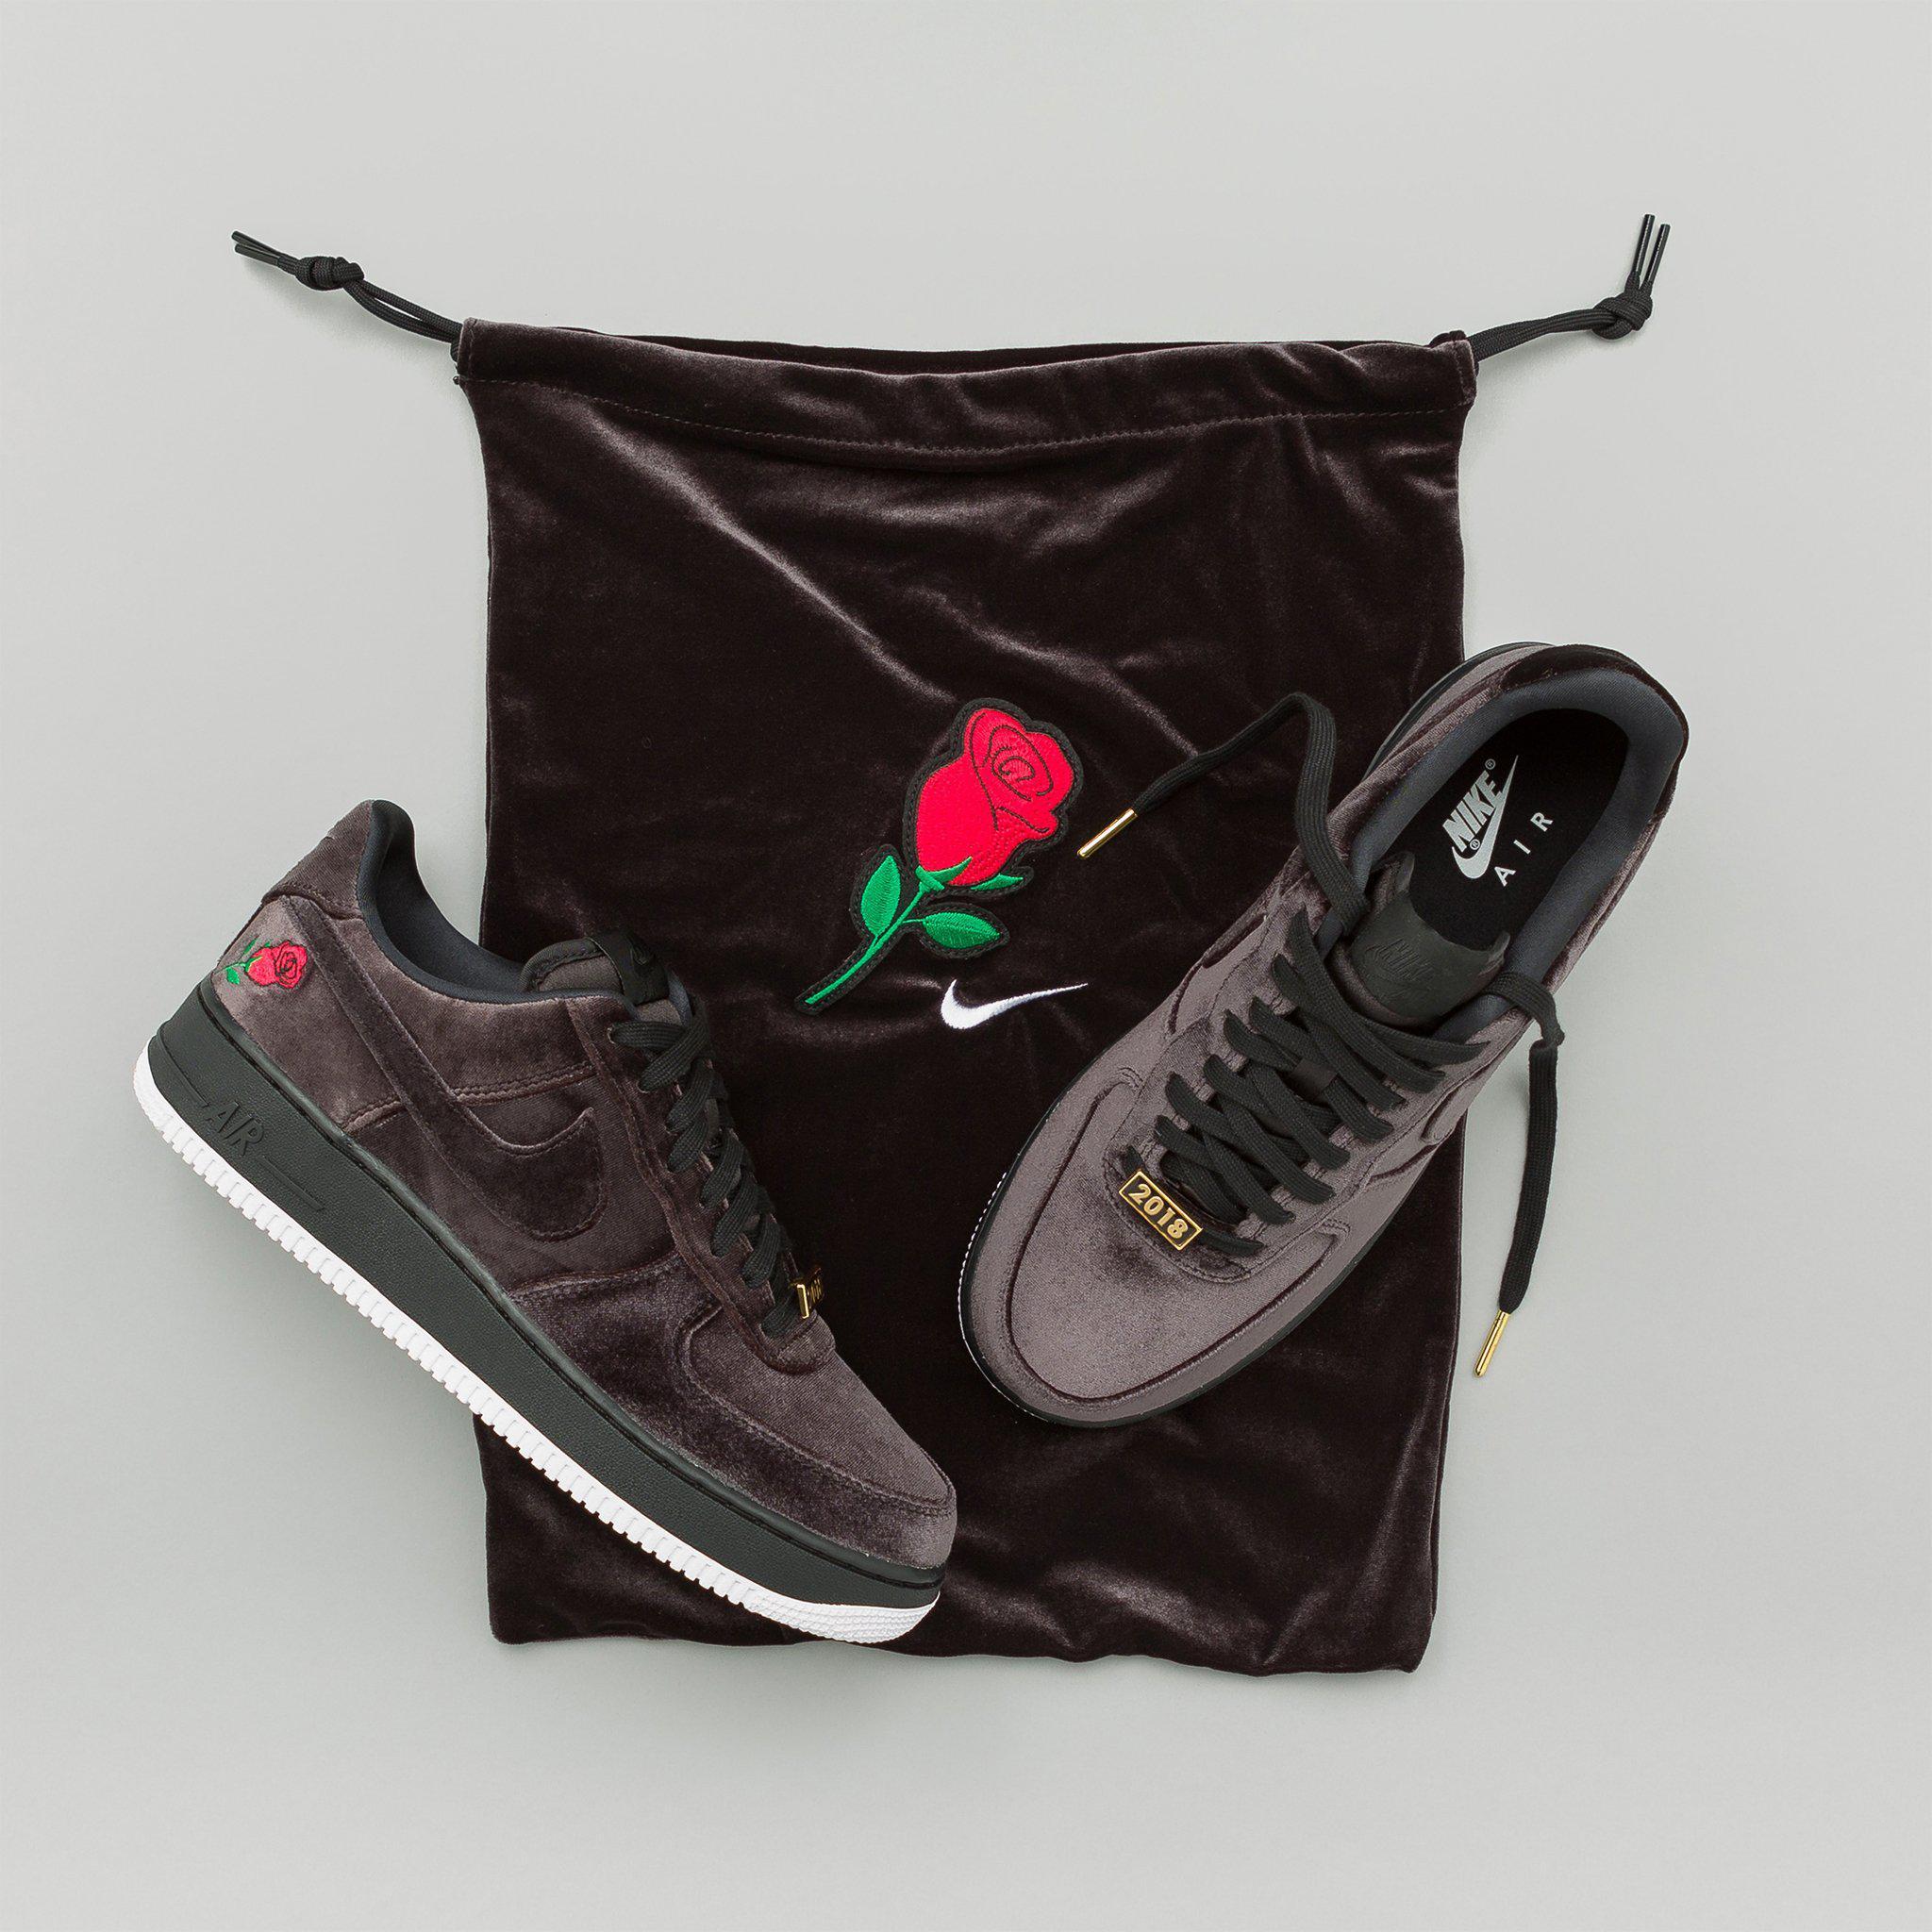 d40d9f6e363b Nike Air Force 1 07 Qs Velvet In Black in Black for Men - Lyst